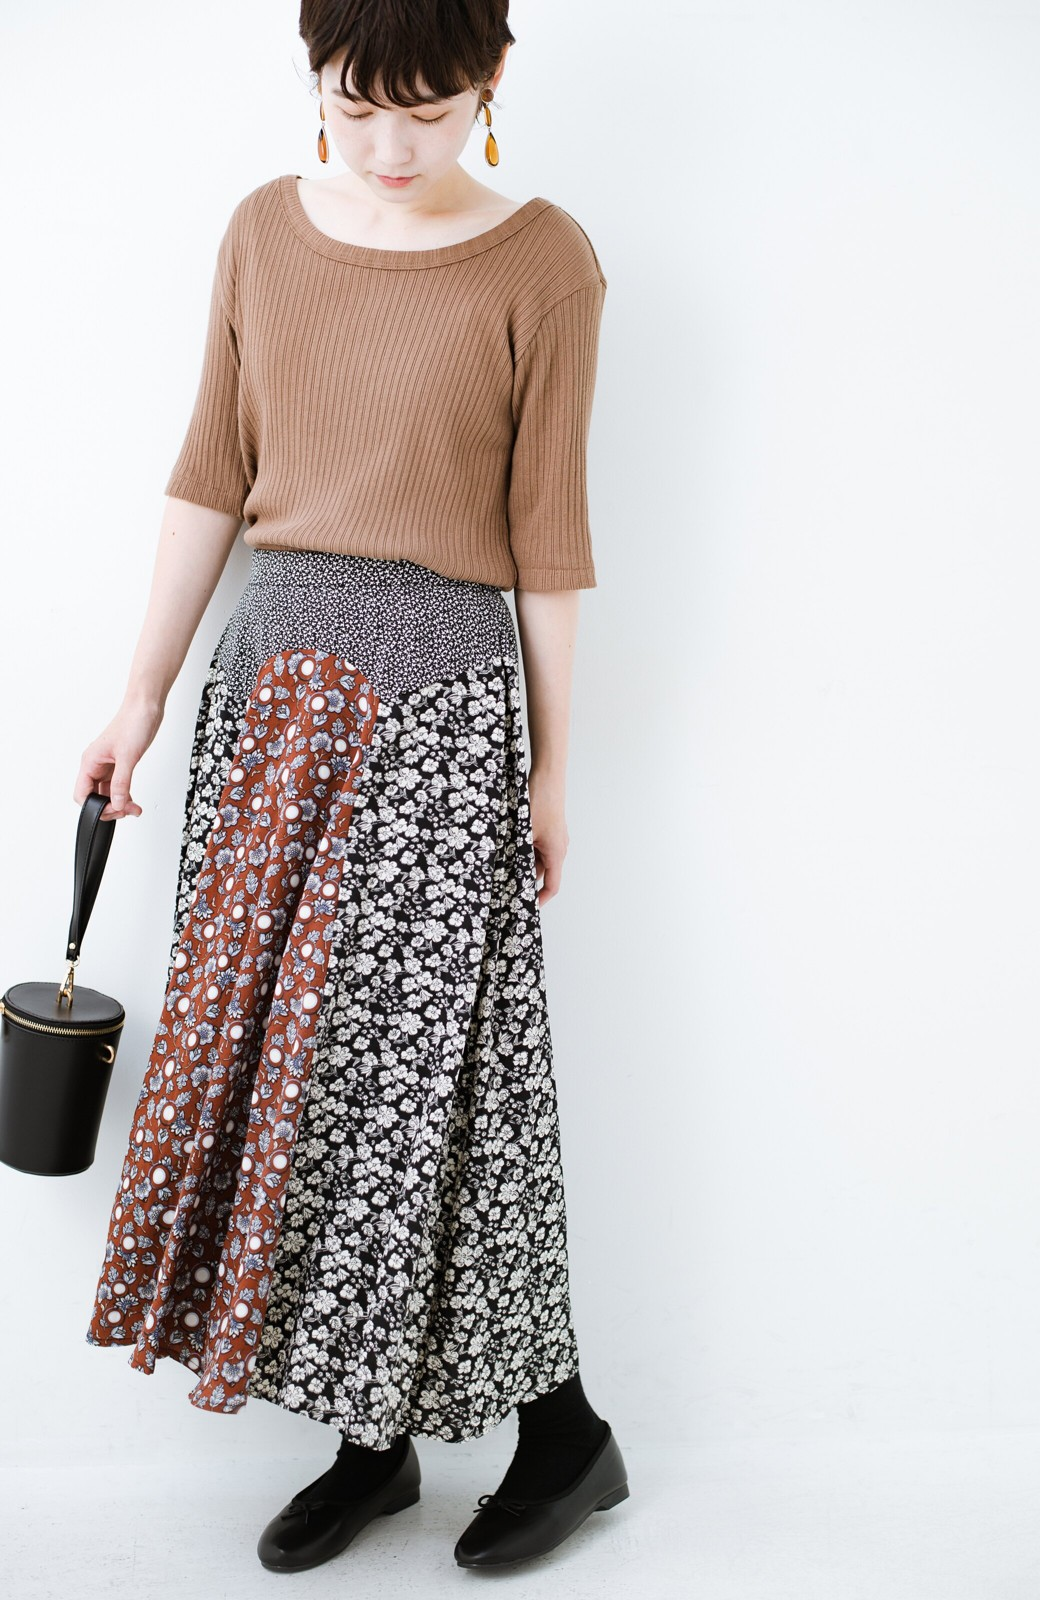 haco! 【洗濯機洗いOK】シンプルなトップスに合わせるだけでかわいくなれる MIX柄スカート <ブラックミックス>の商品写真16